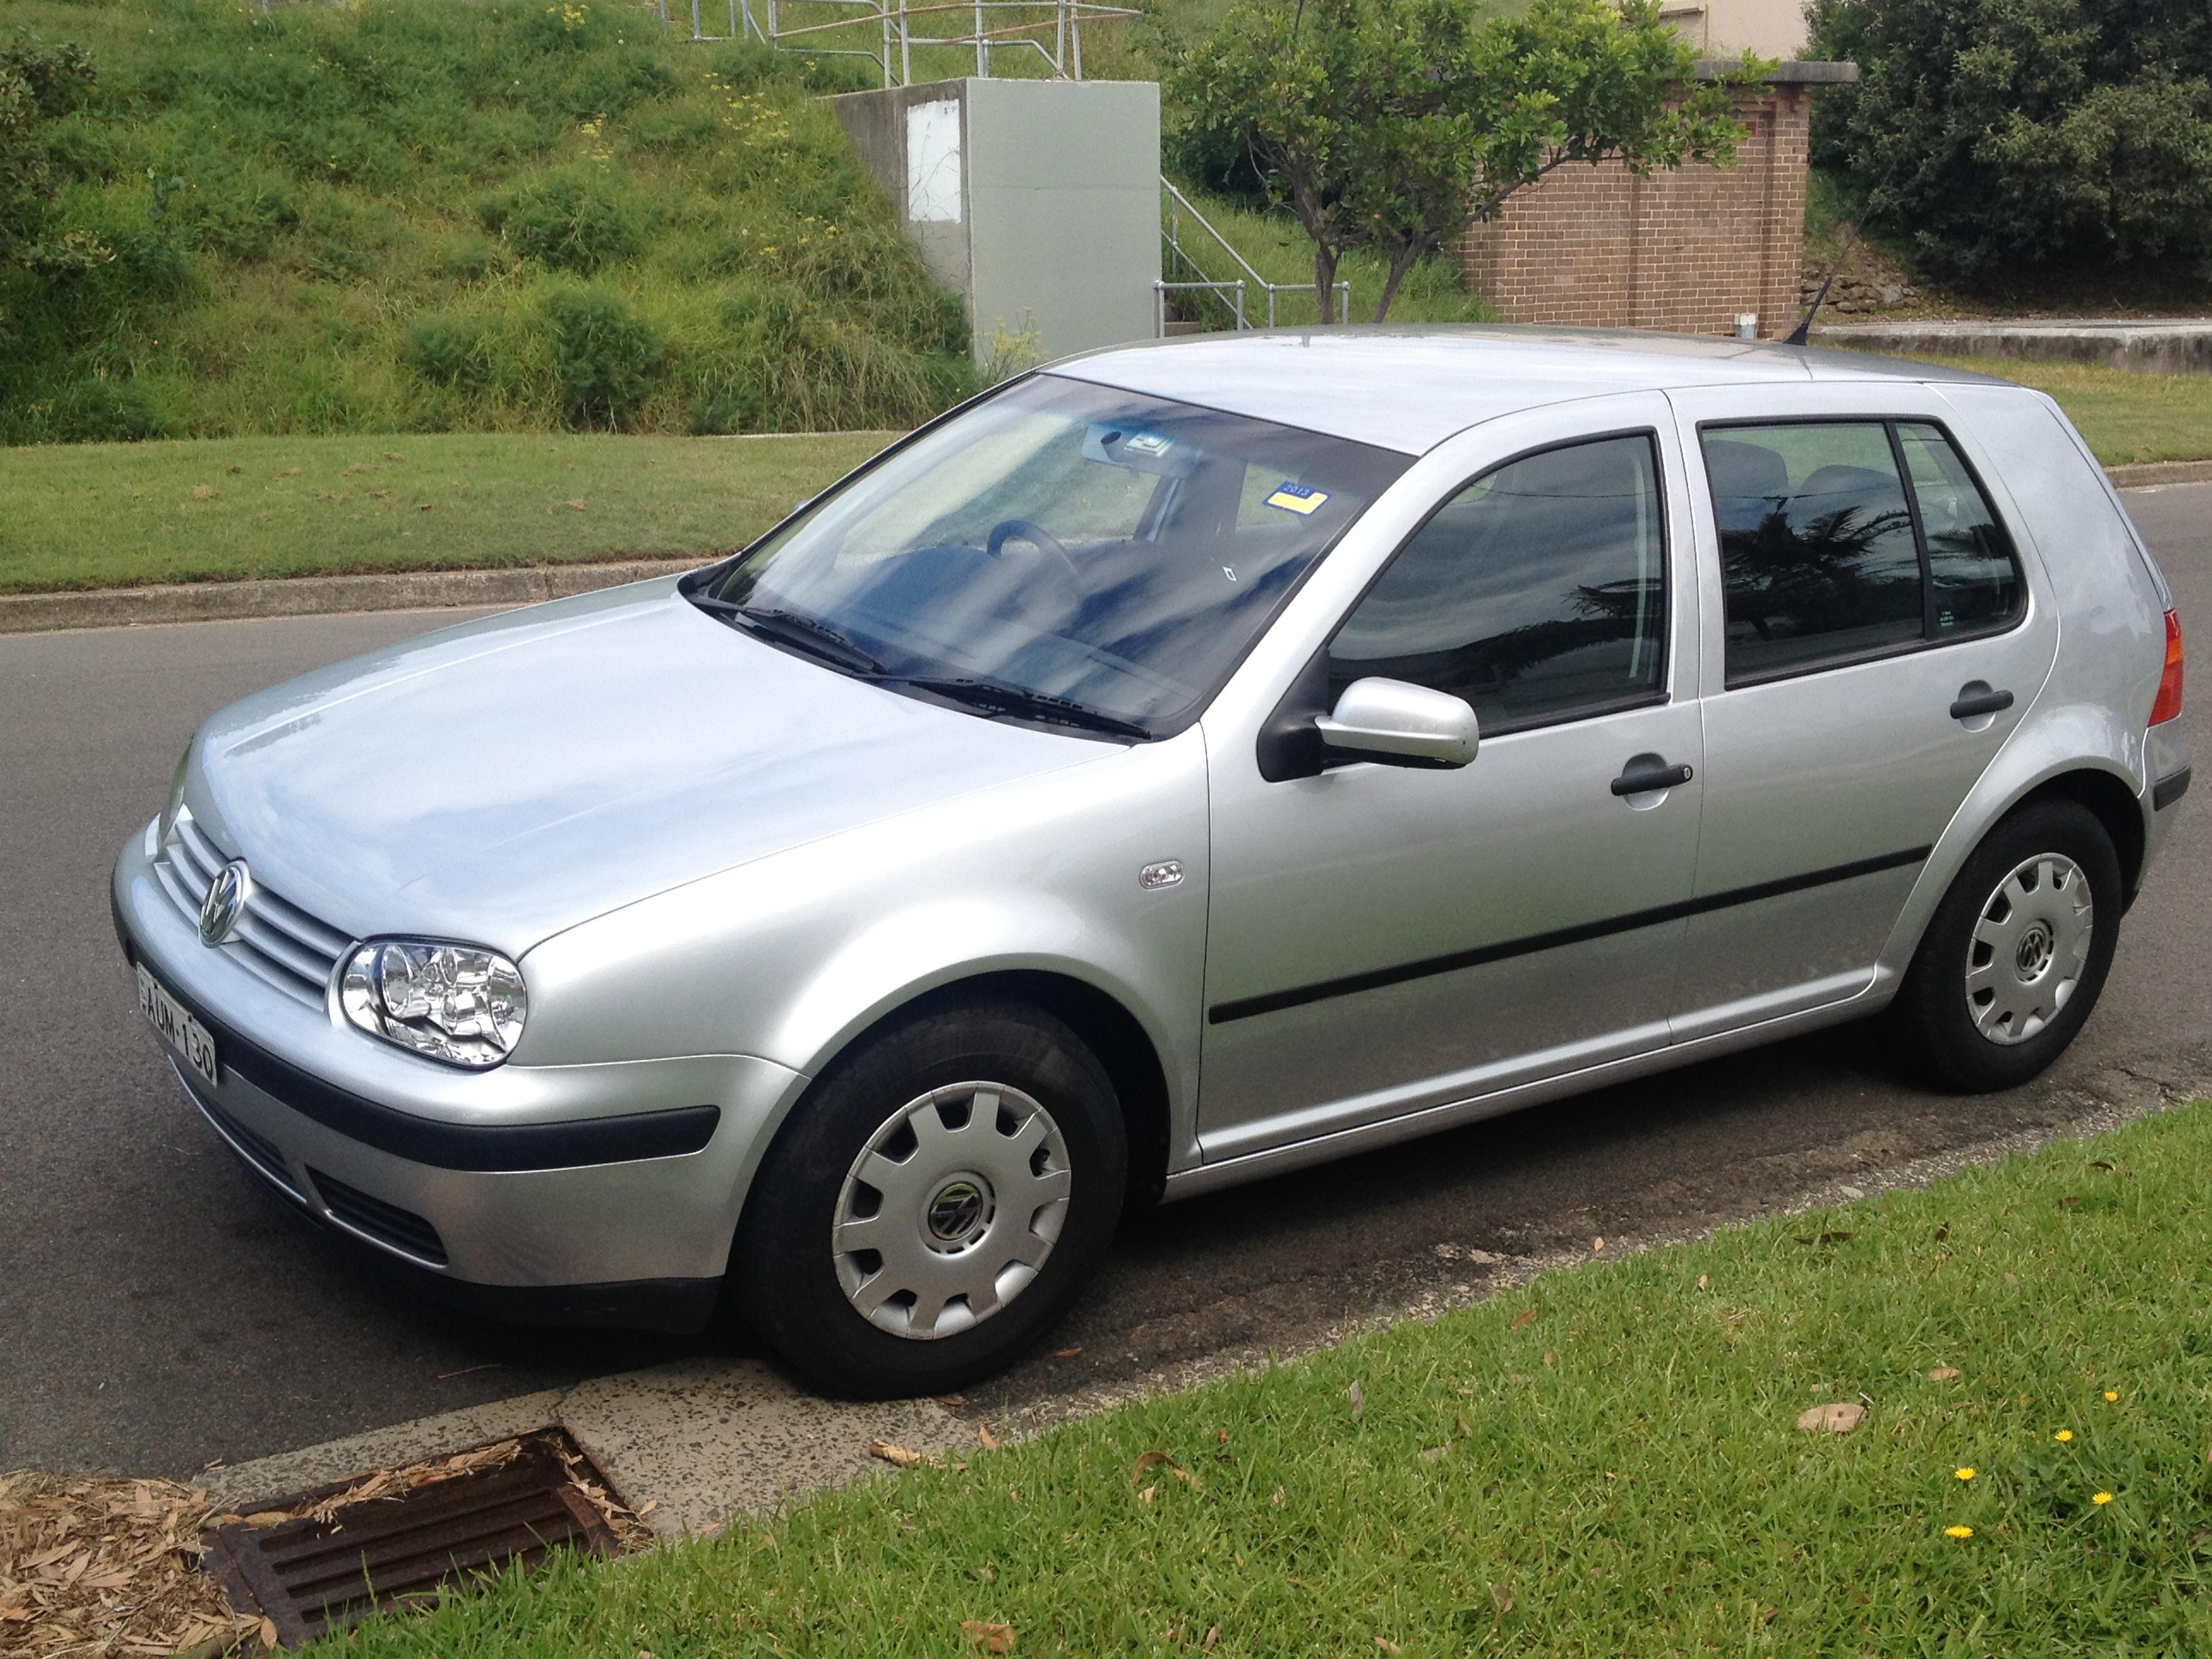 Picture of Sophie's 2002 Volkswagen Golf